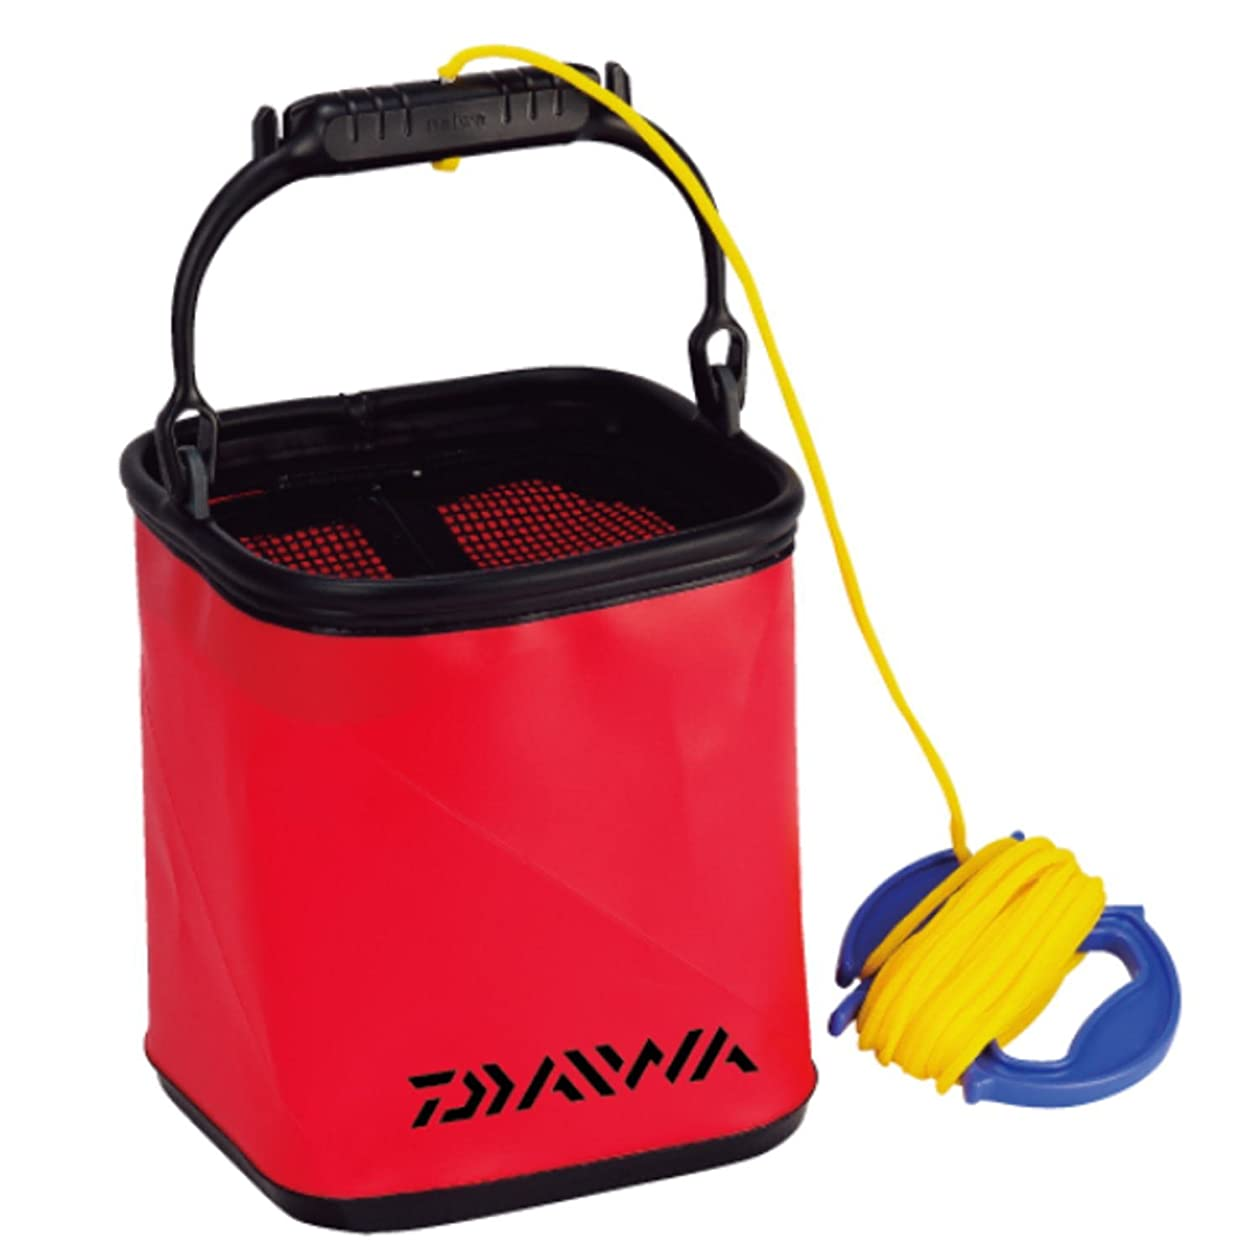 ネット有名奨励ダイワ(Daiwa) 活かし 水汲み バケツ M-21CM(H) レッド